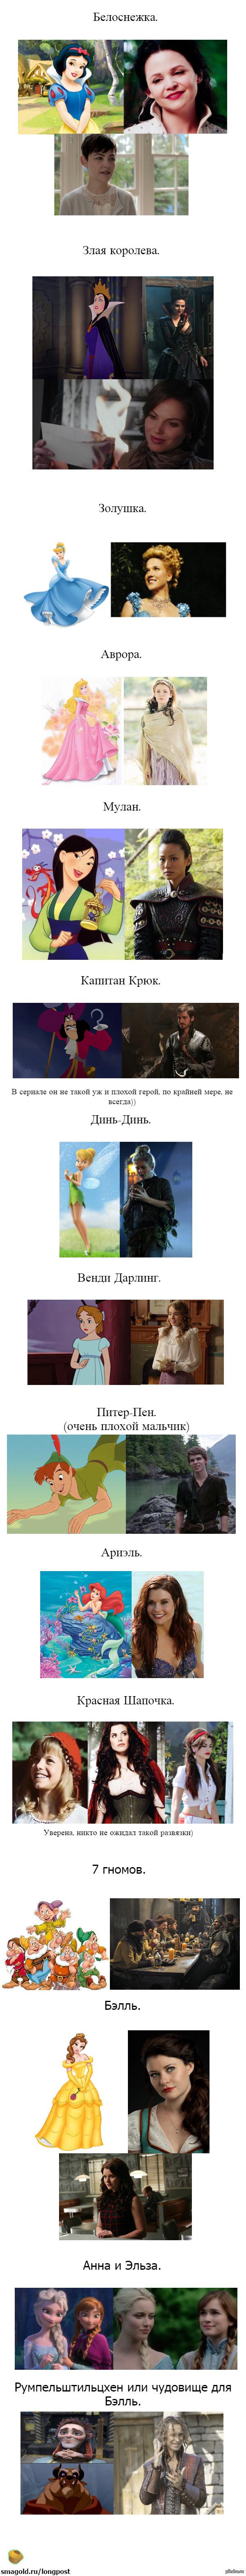 """Фото-сравнение уже знакомых нам героев с героями сериала """"Однажды в сказке""""."""